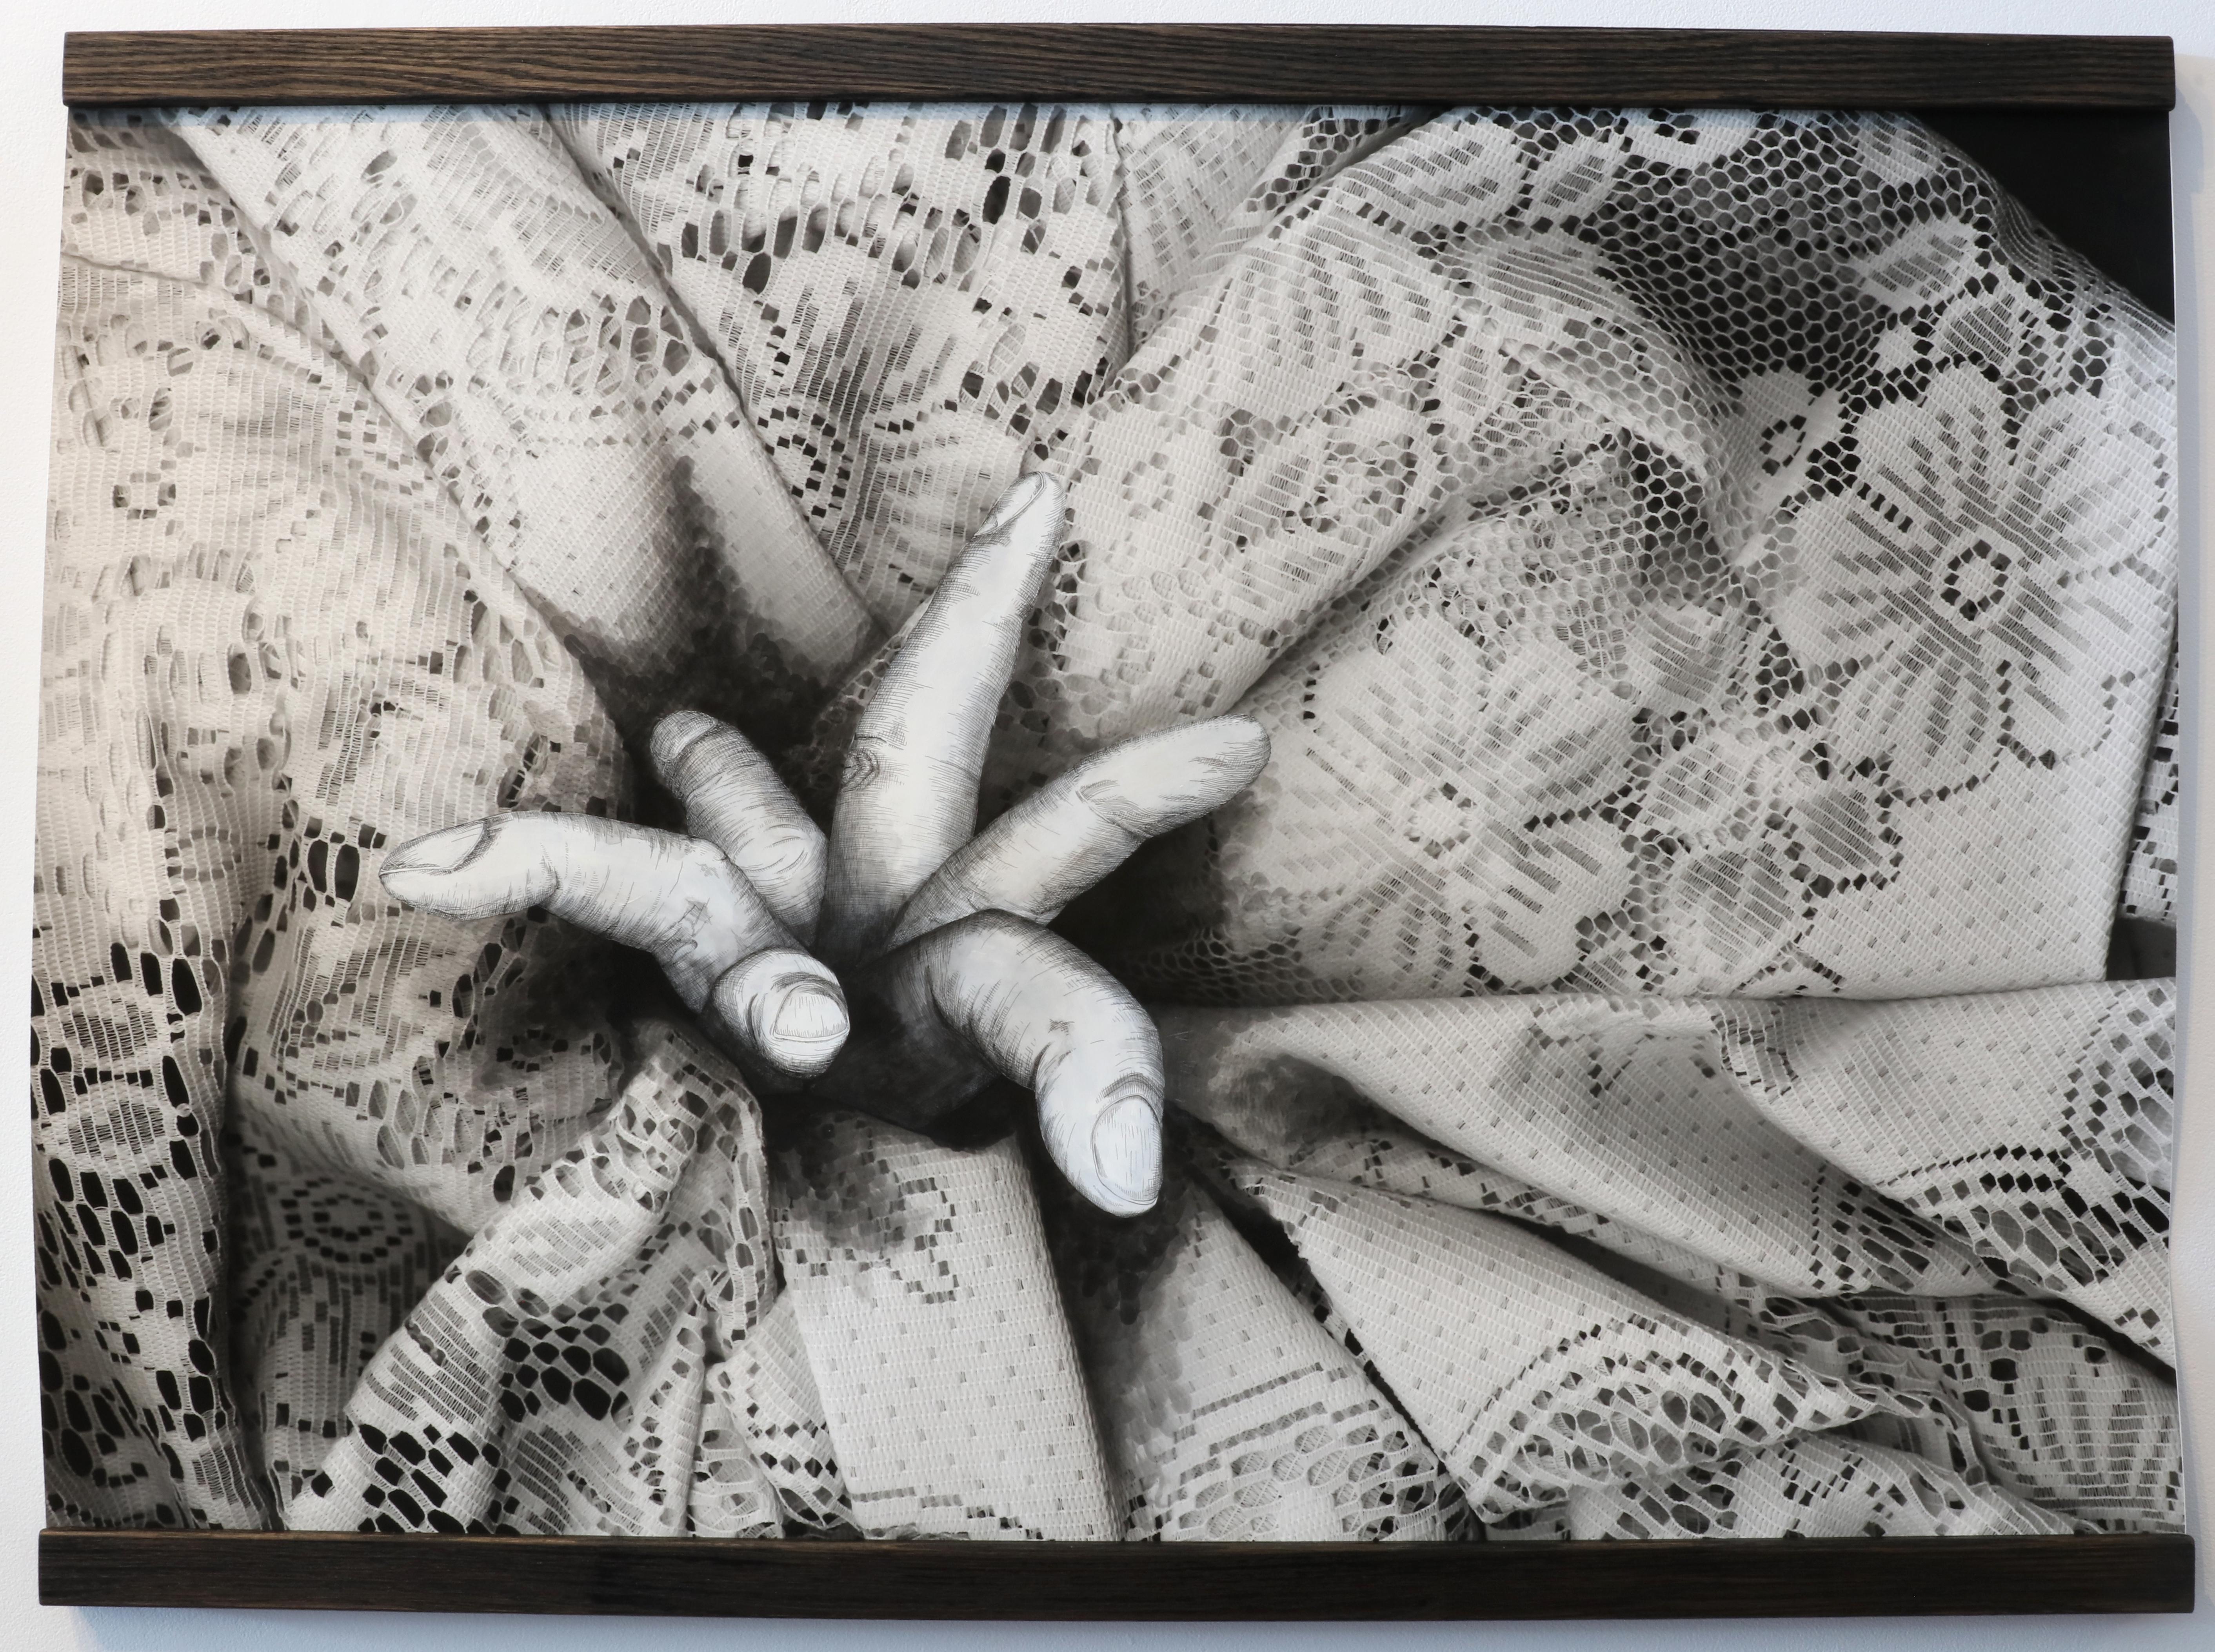 KS_2016 (The Fabric of Femininity) Fingers